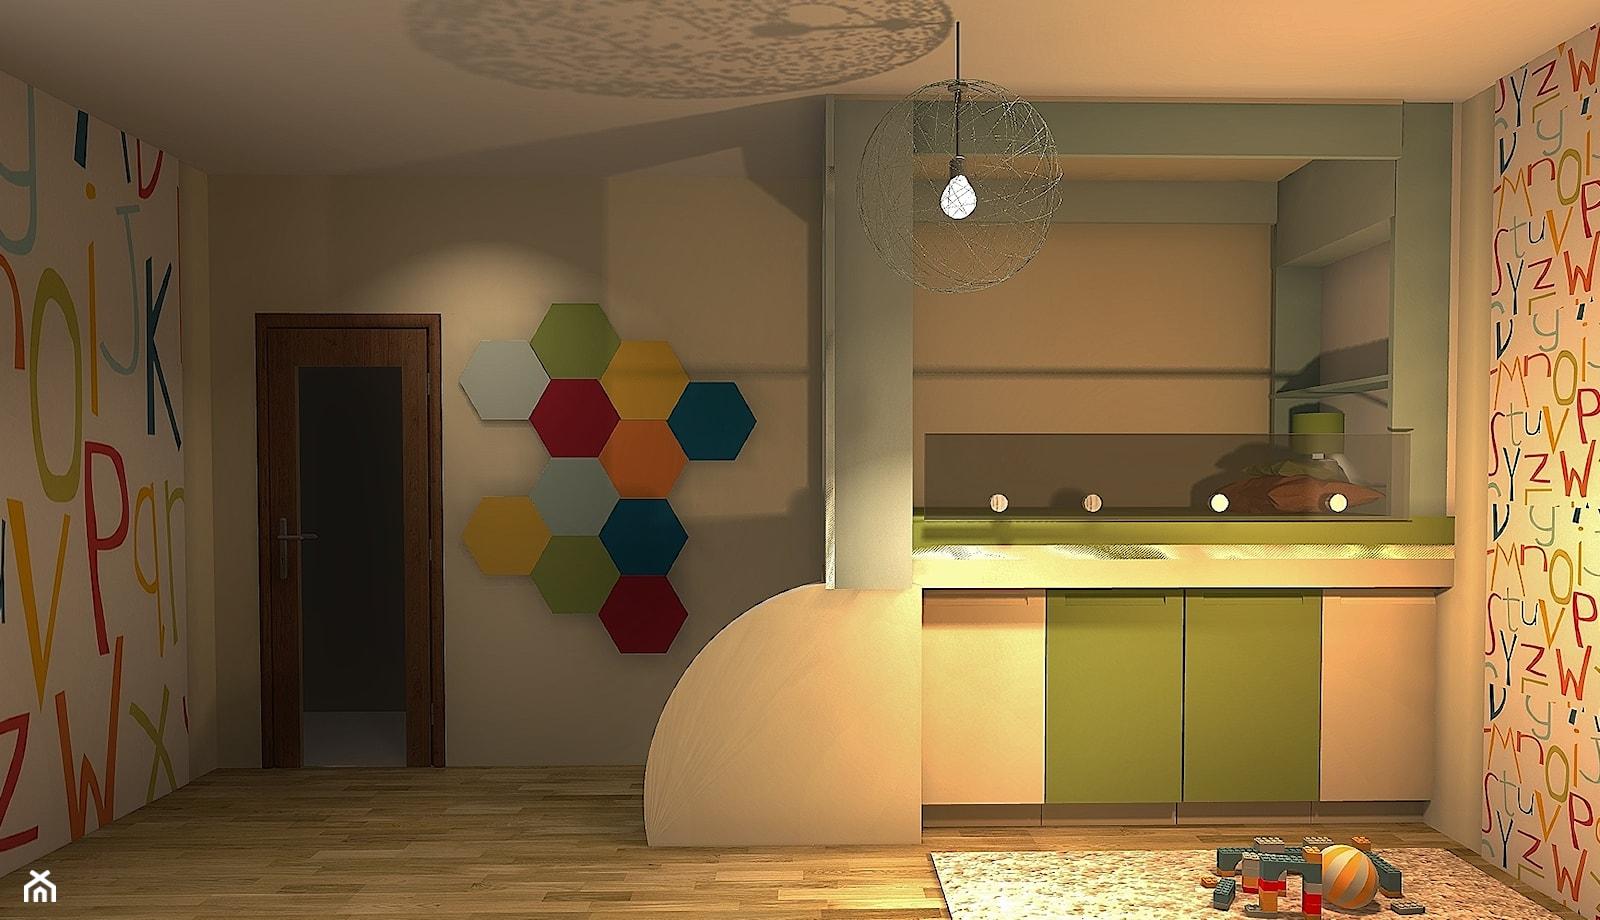 Pokój dziecięcy - Pokój dziecka, styl nowoczesny - zdjęcie od jm-wnetrza - Homebook